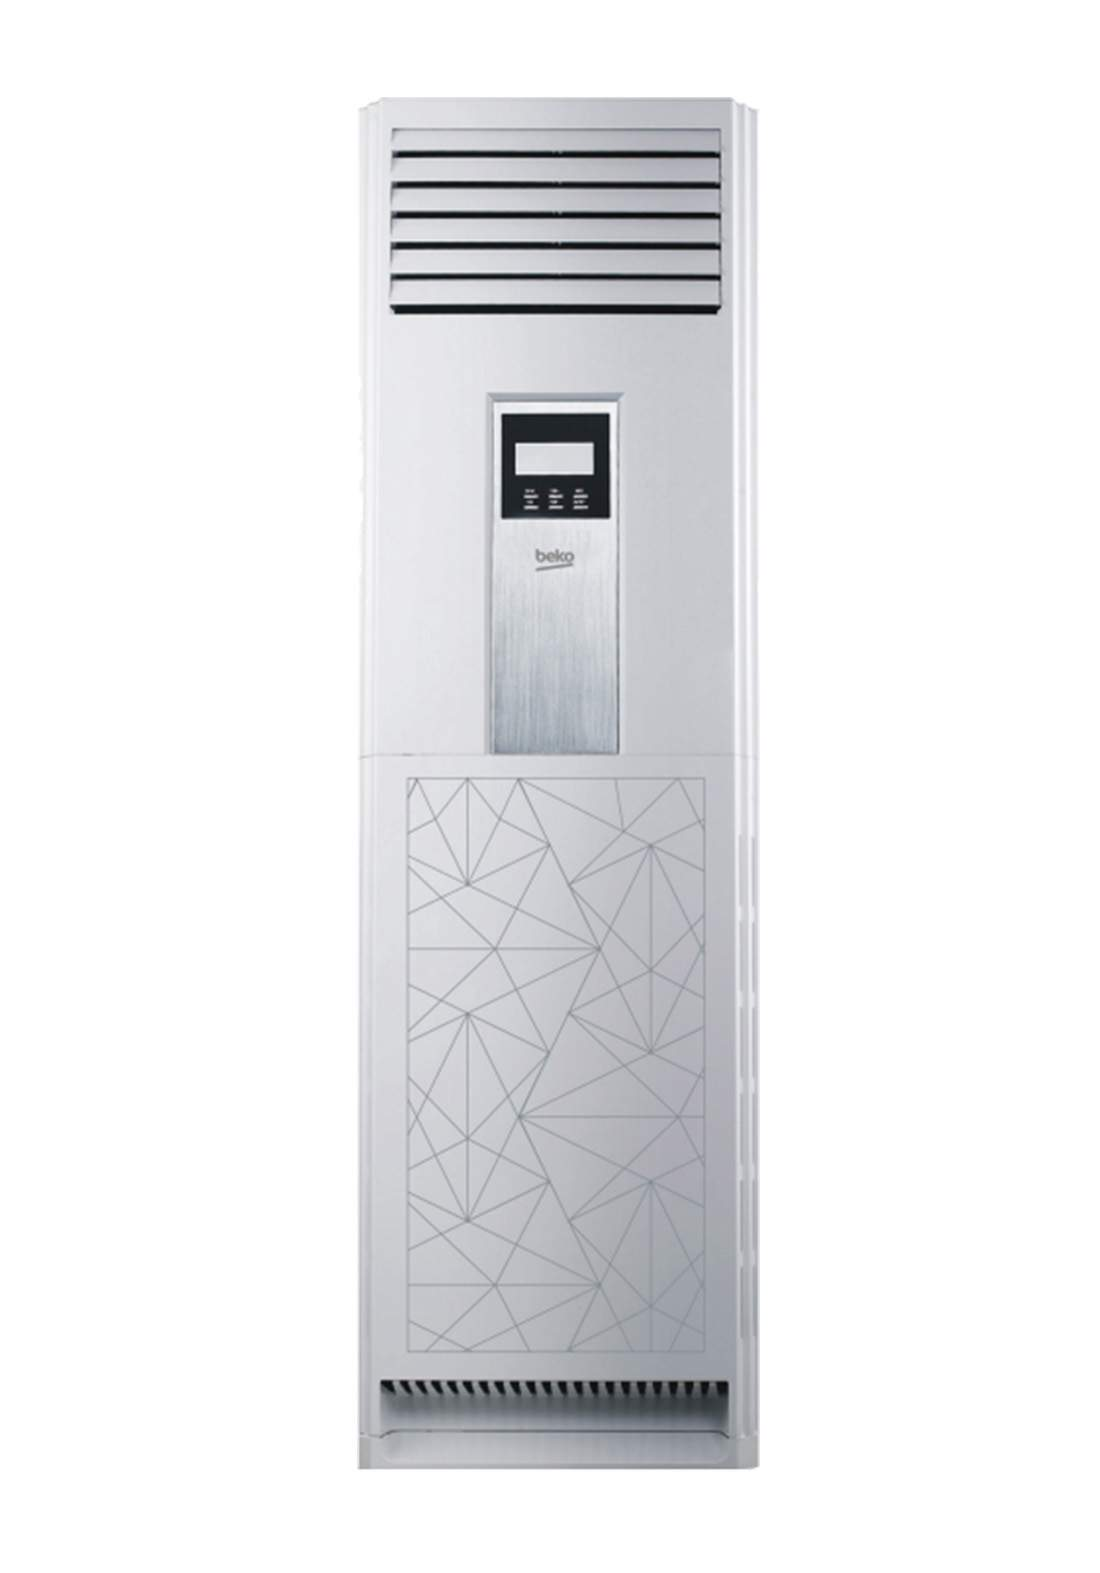 Beko BFYTI 360/361 Floor Standing Split - White سبلت